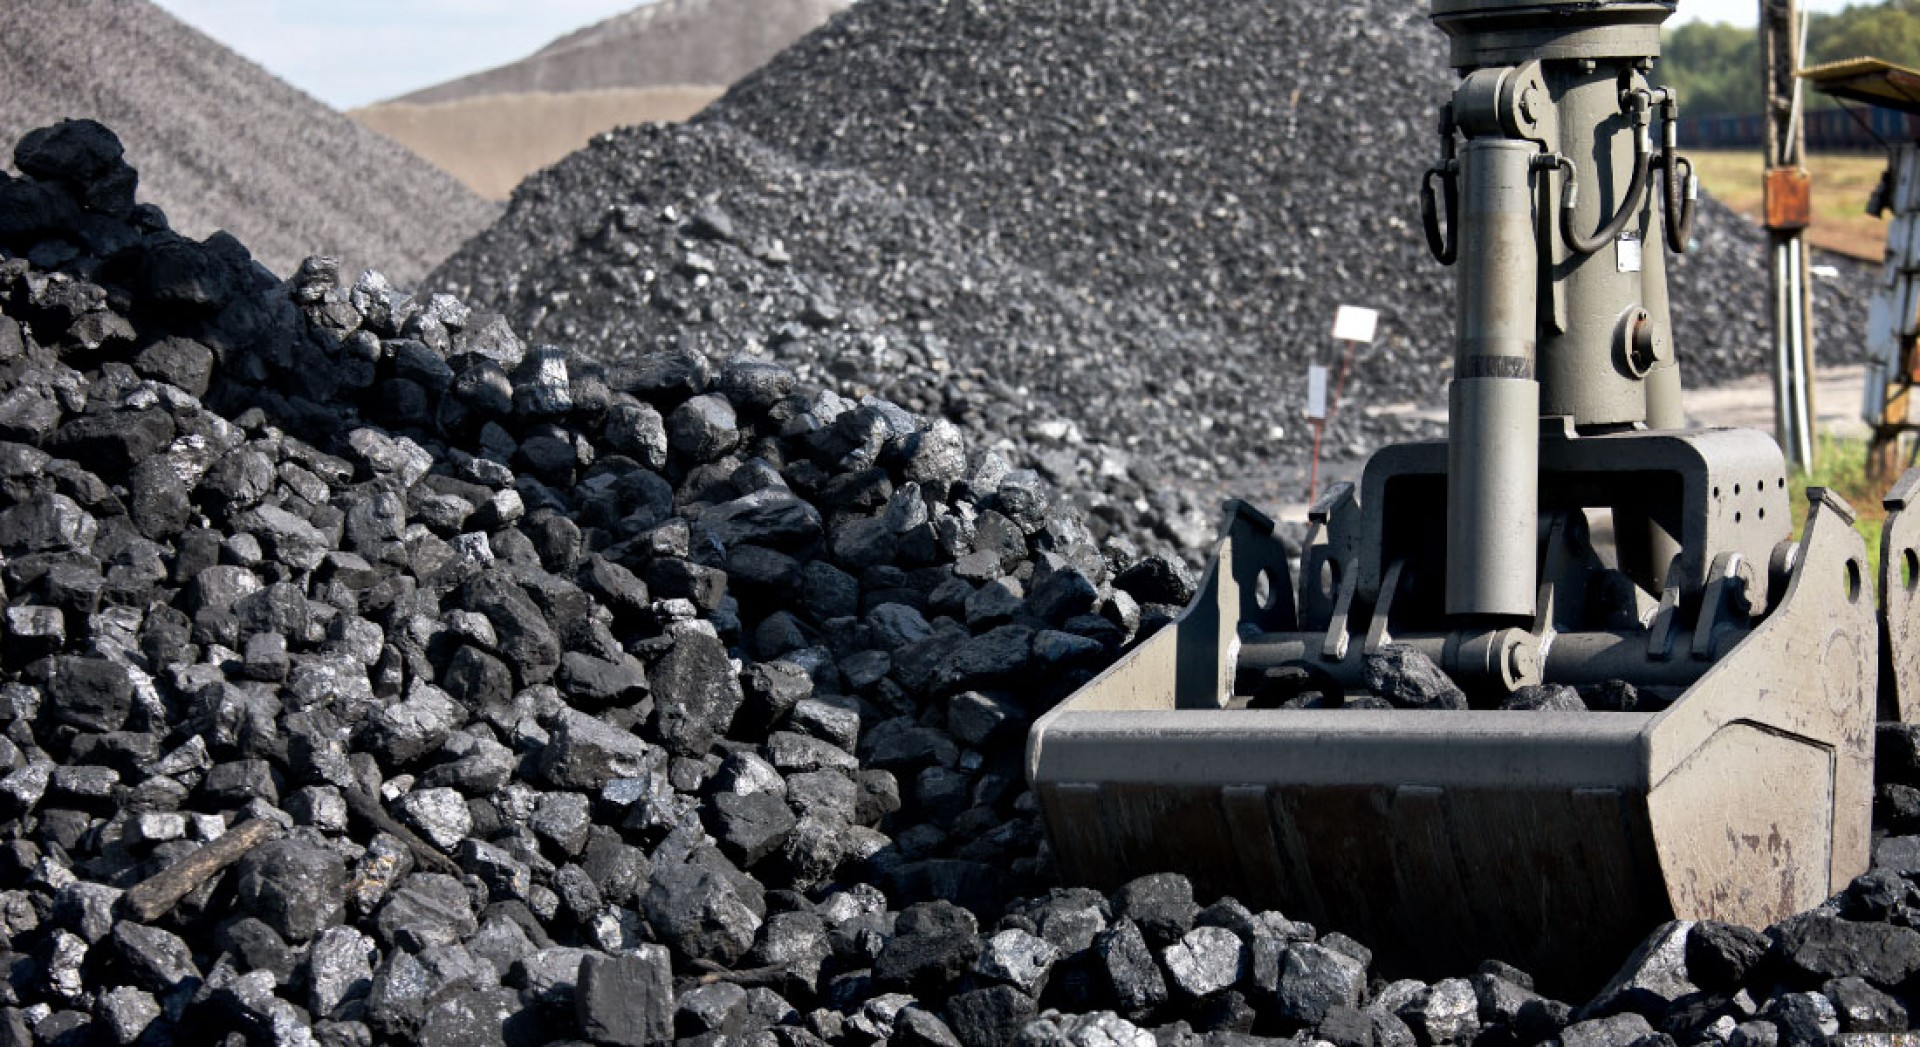 'Garantili Geçiş' Uygulamasının Benzeri; 'Kömür Yıkama' İhalesinde Garanti Verilmiş